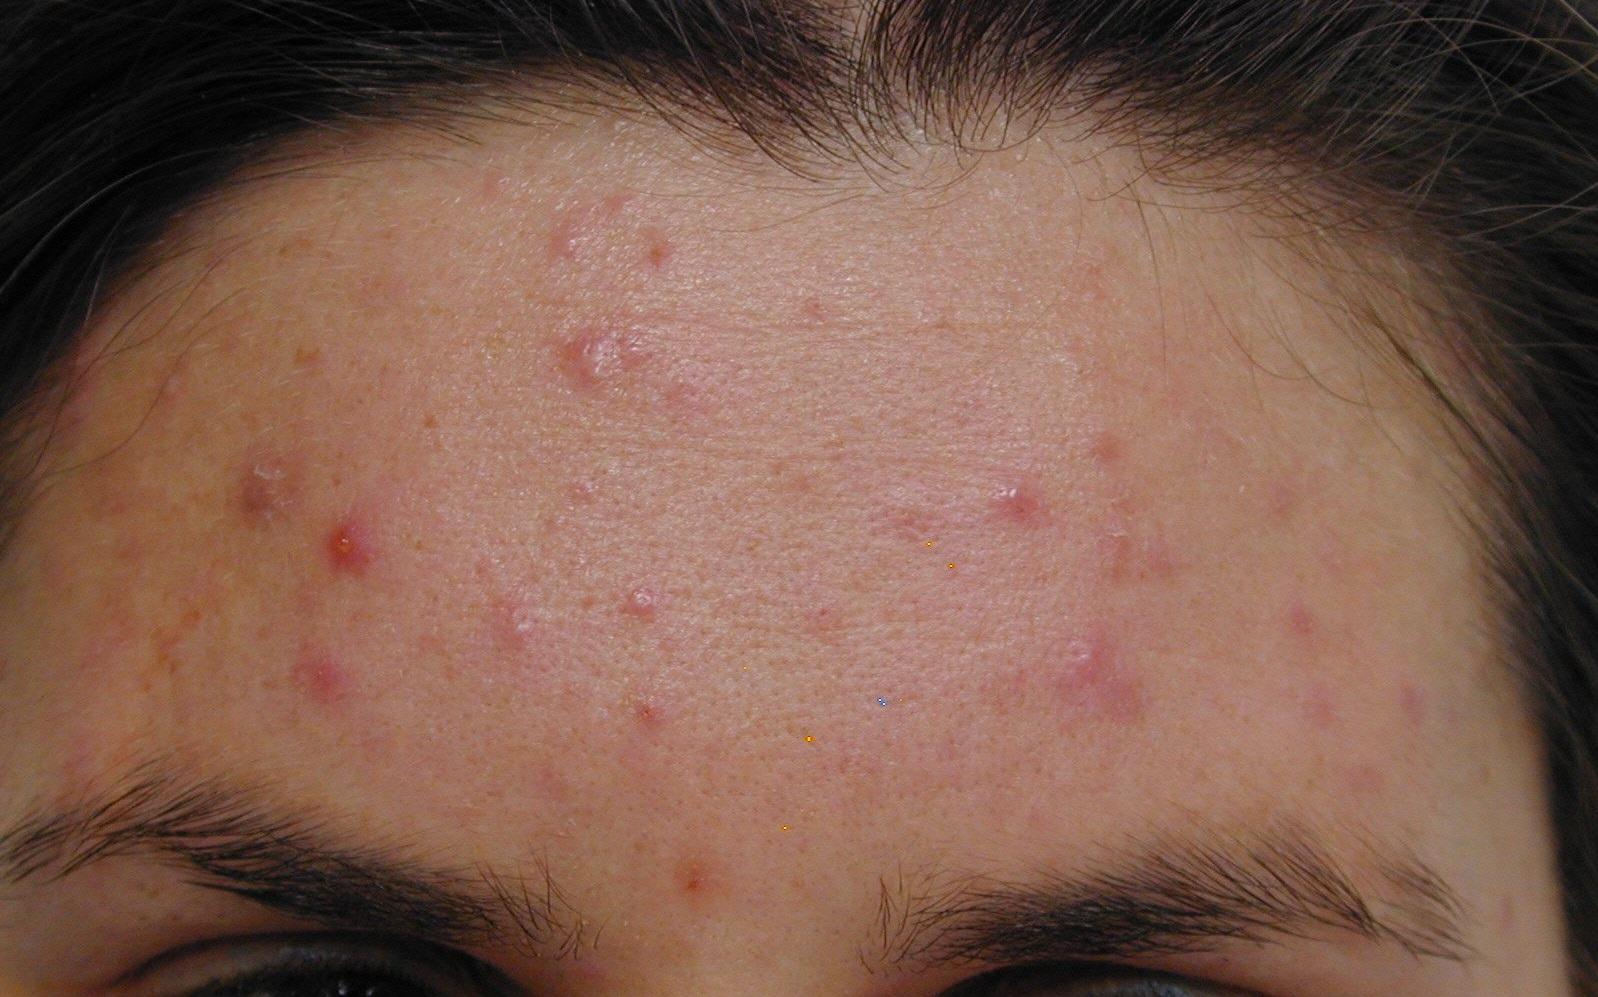 4_acne_antes_cortesia_Dr.-Drosner-e1542359350806